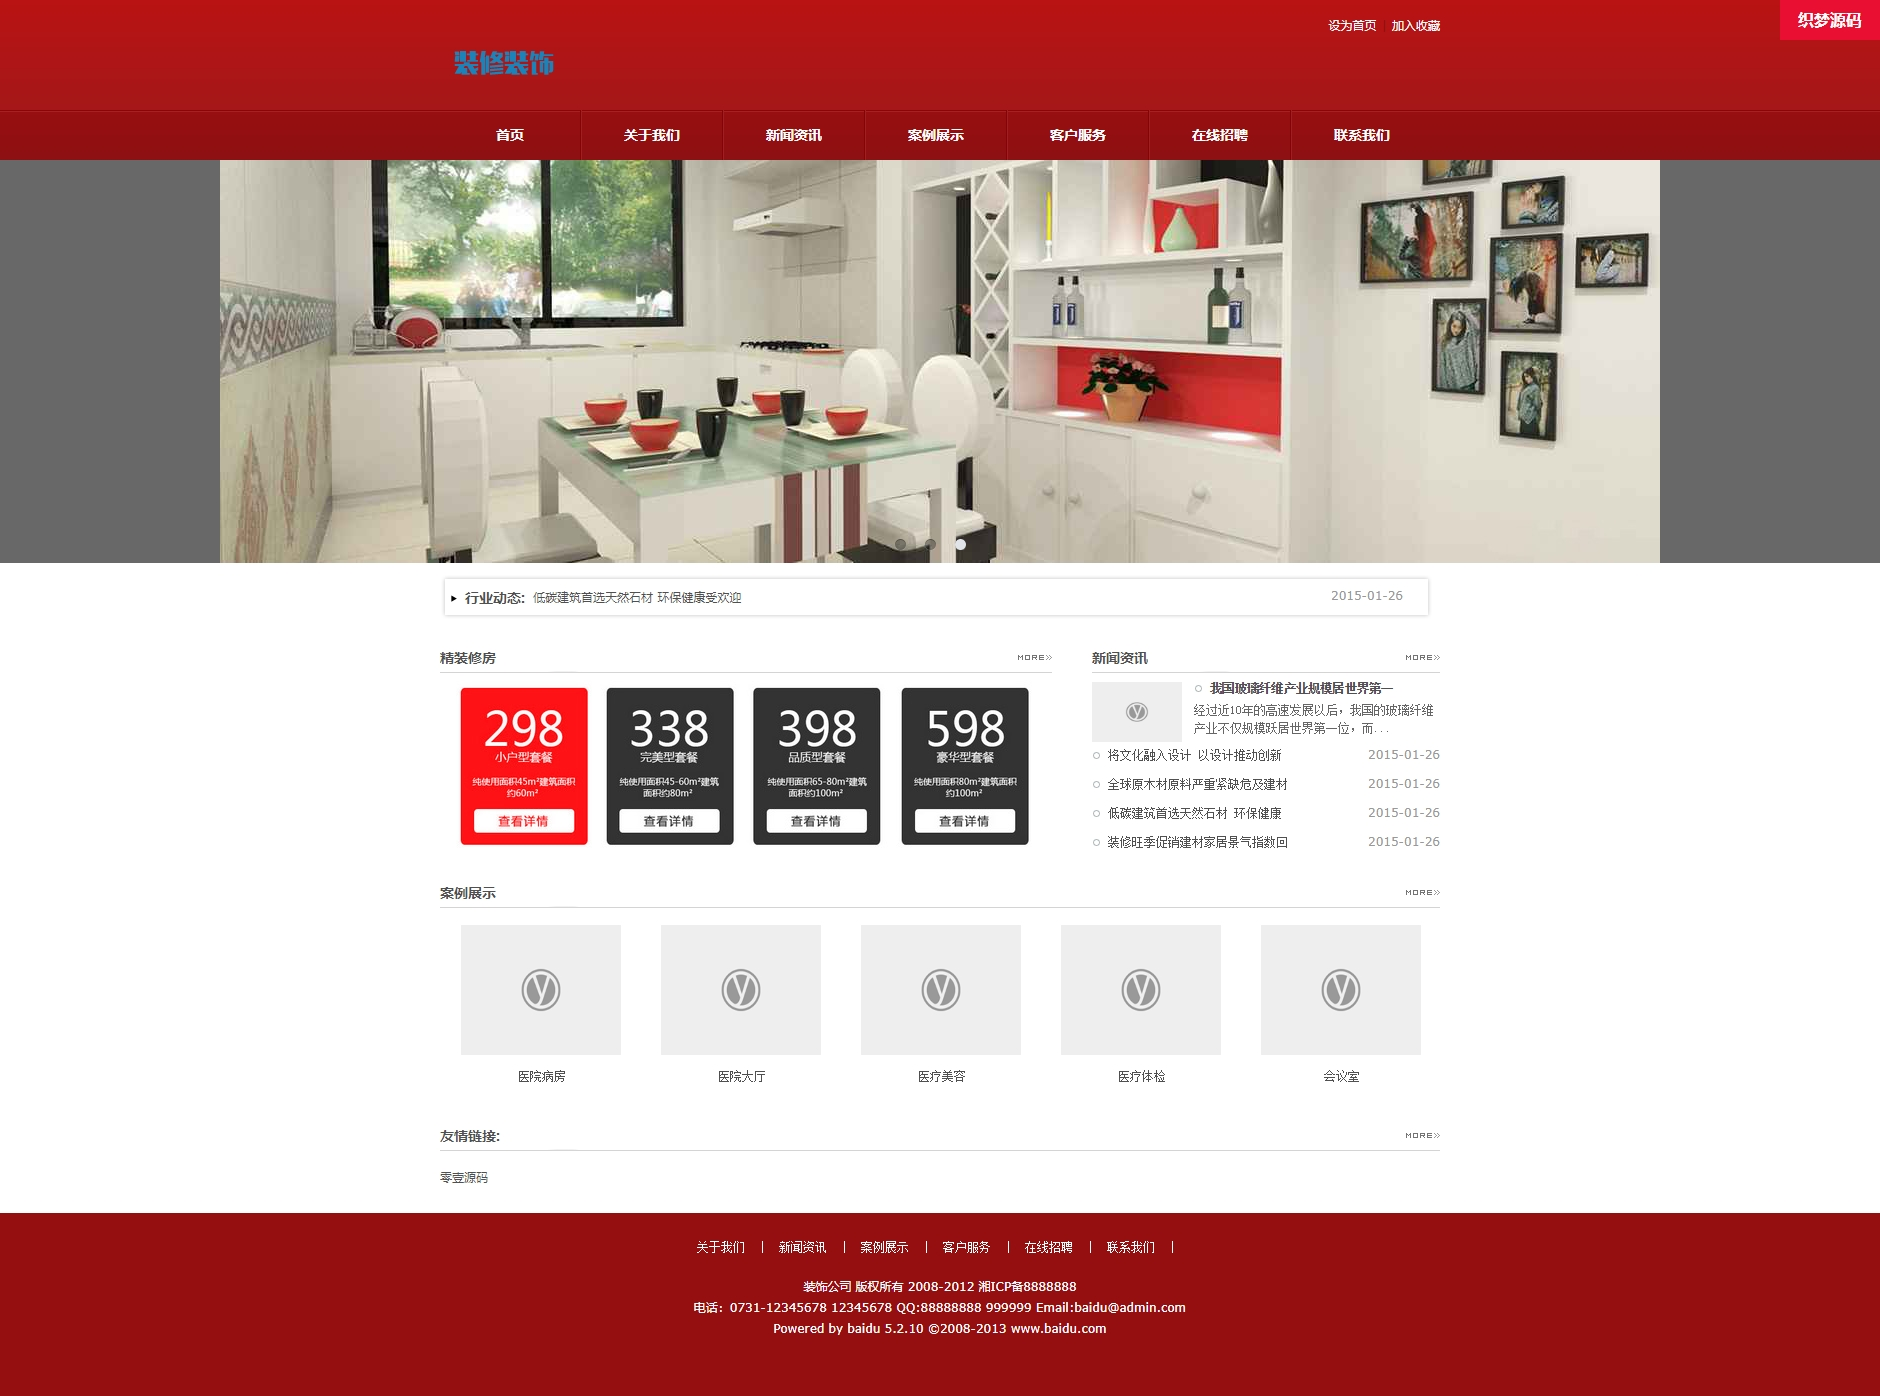 红色大气装饰公司织梦dedecms网站源码